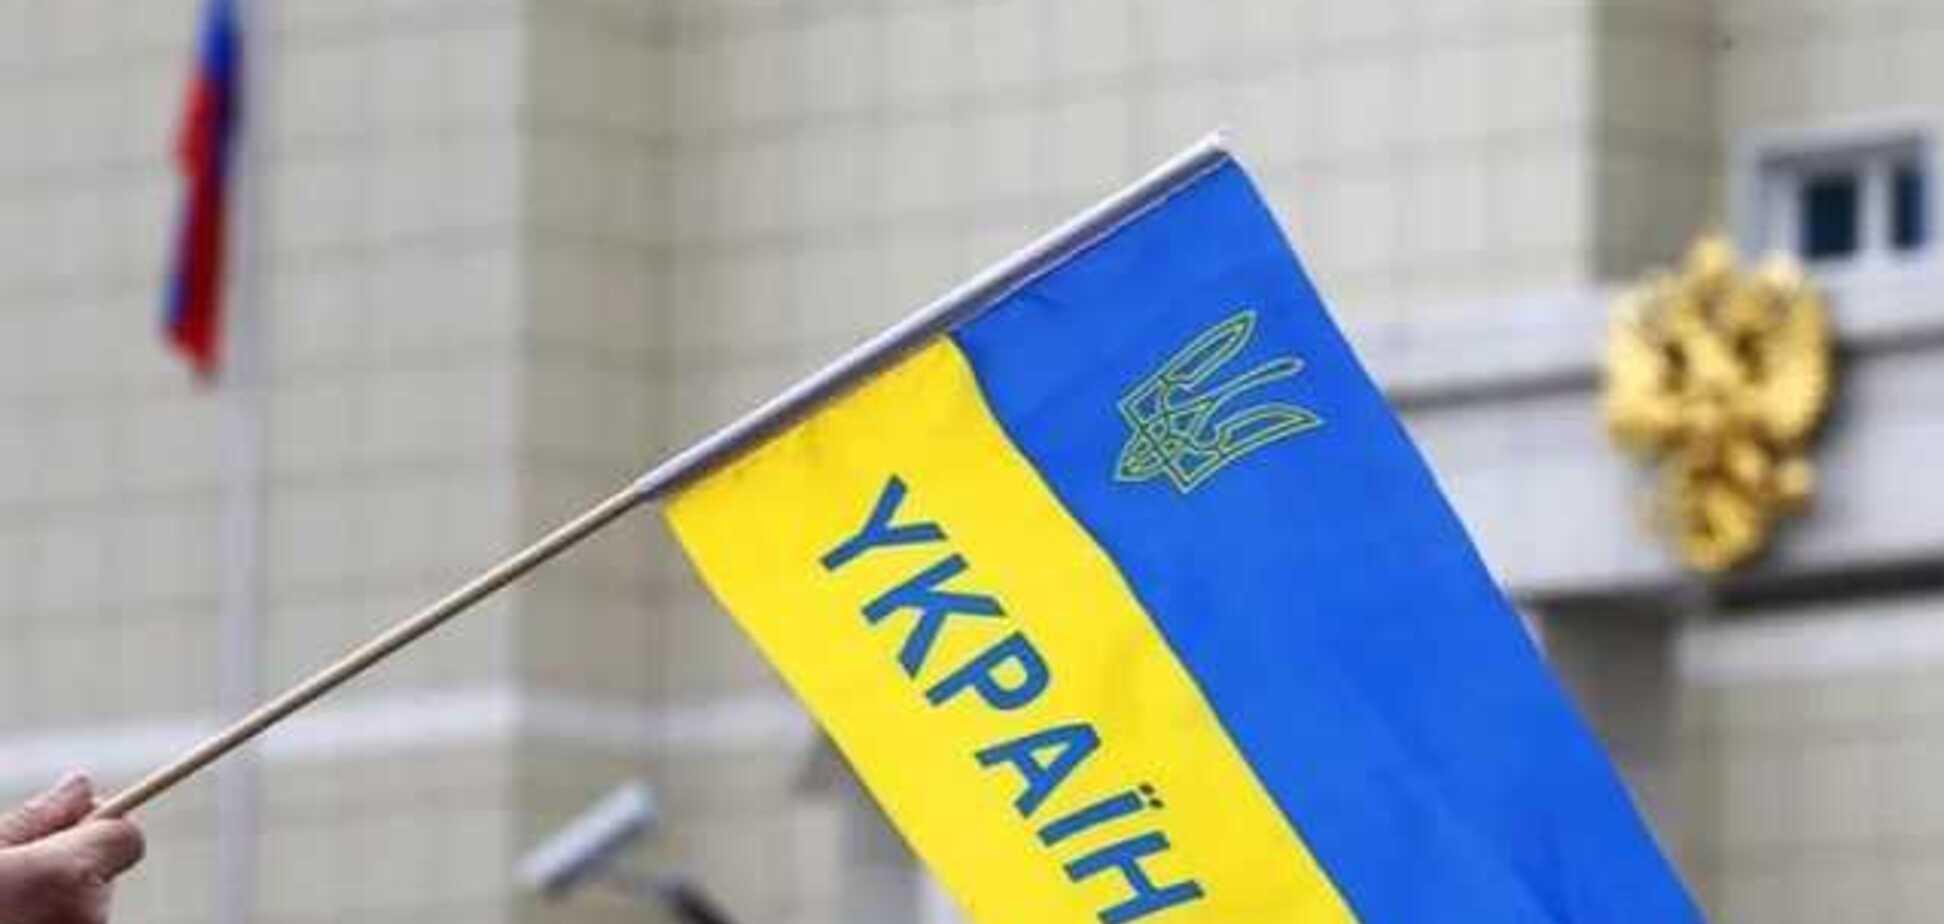 Украина наказала Россию из-за Крыма и Донбасса: Порошенко ввел в действие жесткие санкции